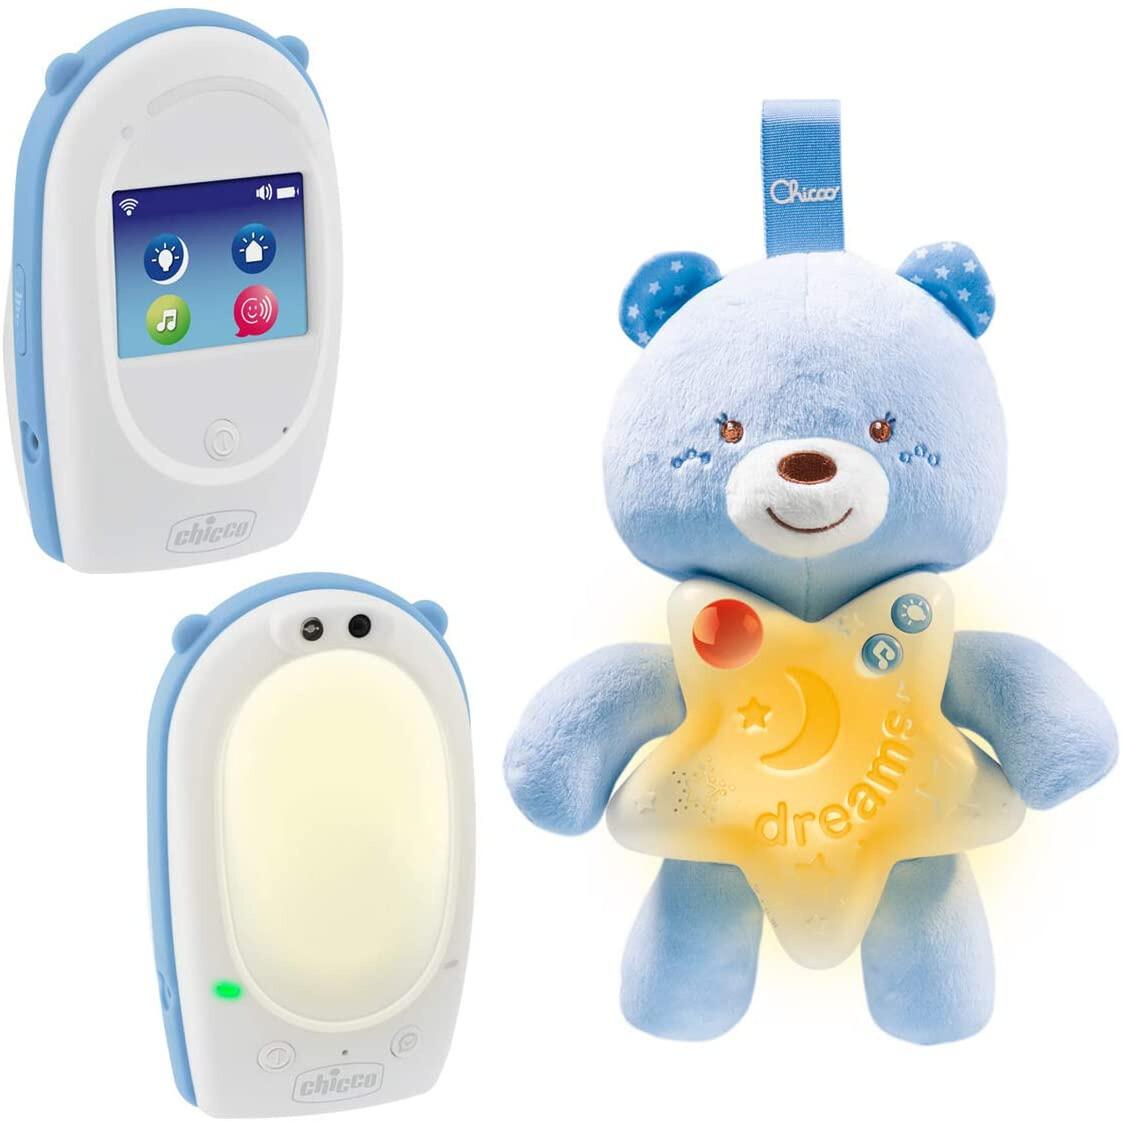 Chicco Babyphone First Dreams weiss / blau 3-teilig